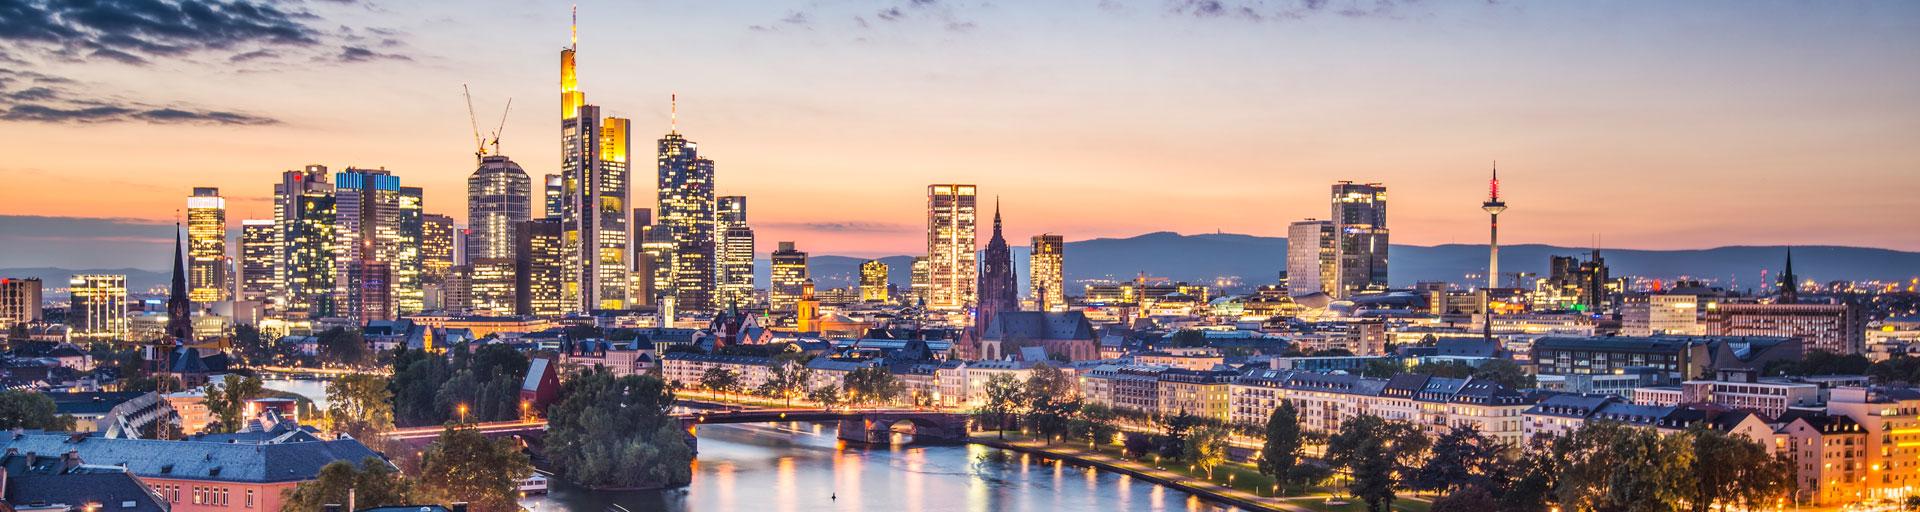 Schönheitschirurgie Frankfurt - Praxis Dr. med. Holle und Kollegen